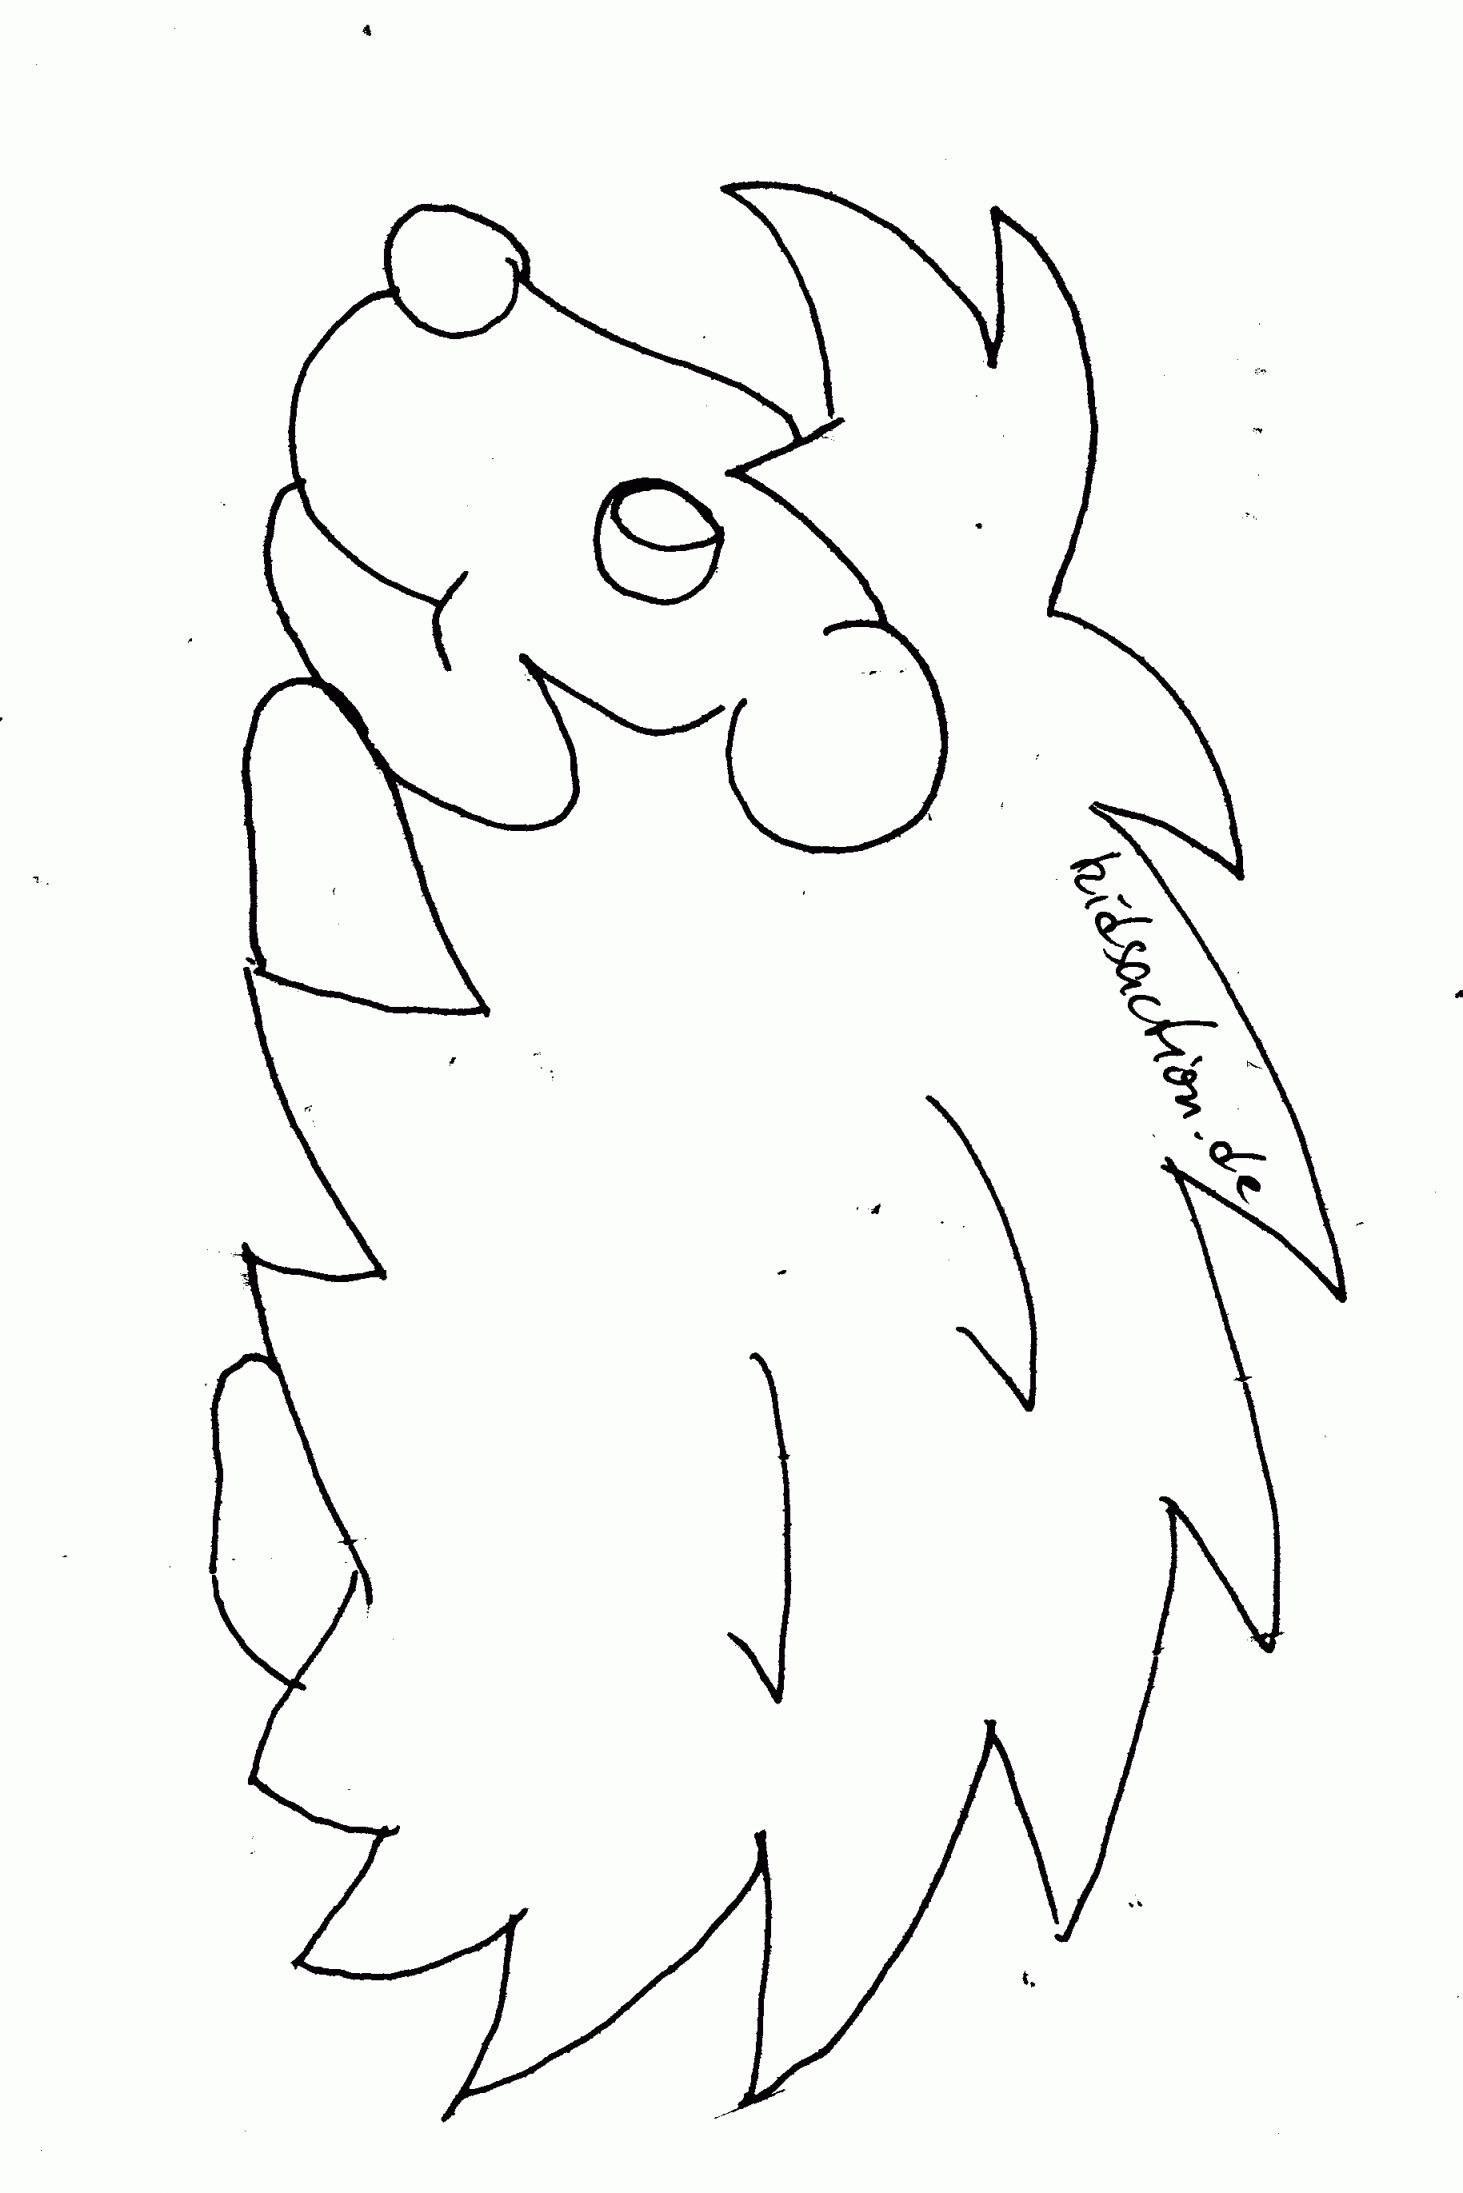 Malvorlagen Winnie Pooh Neu 47 Best Malvorlagen Winnie Pooh Beste Malvorlage Das Bild